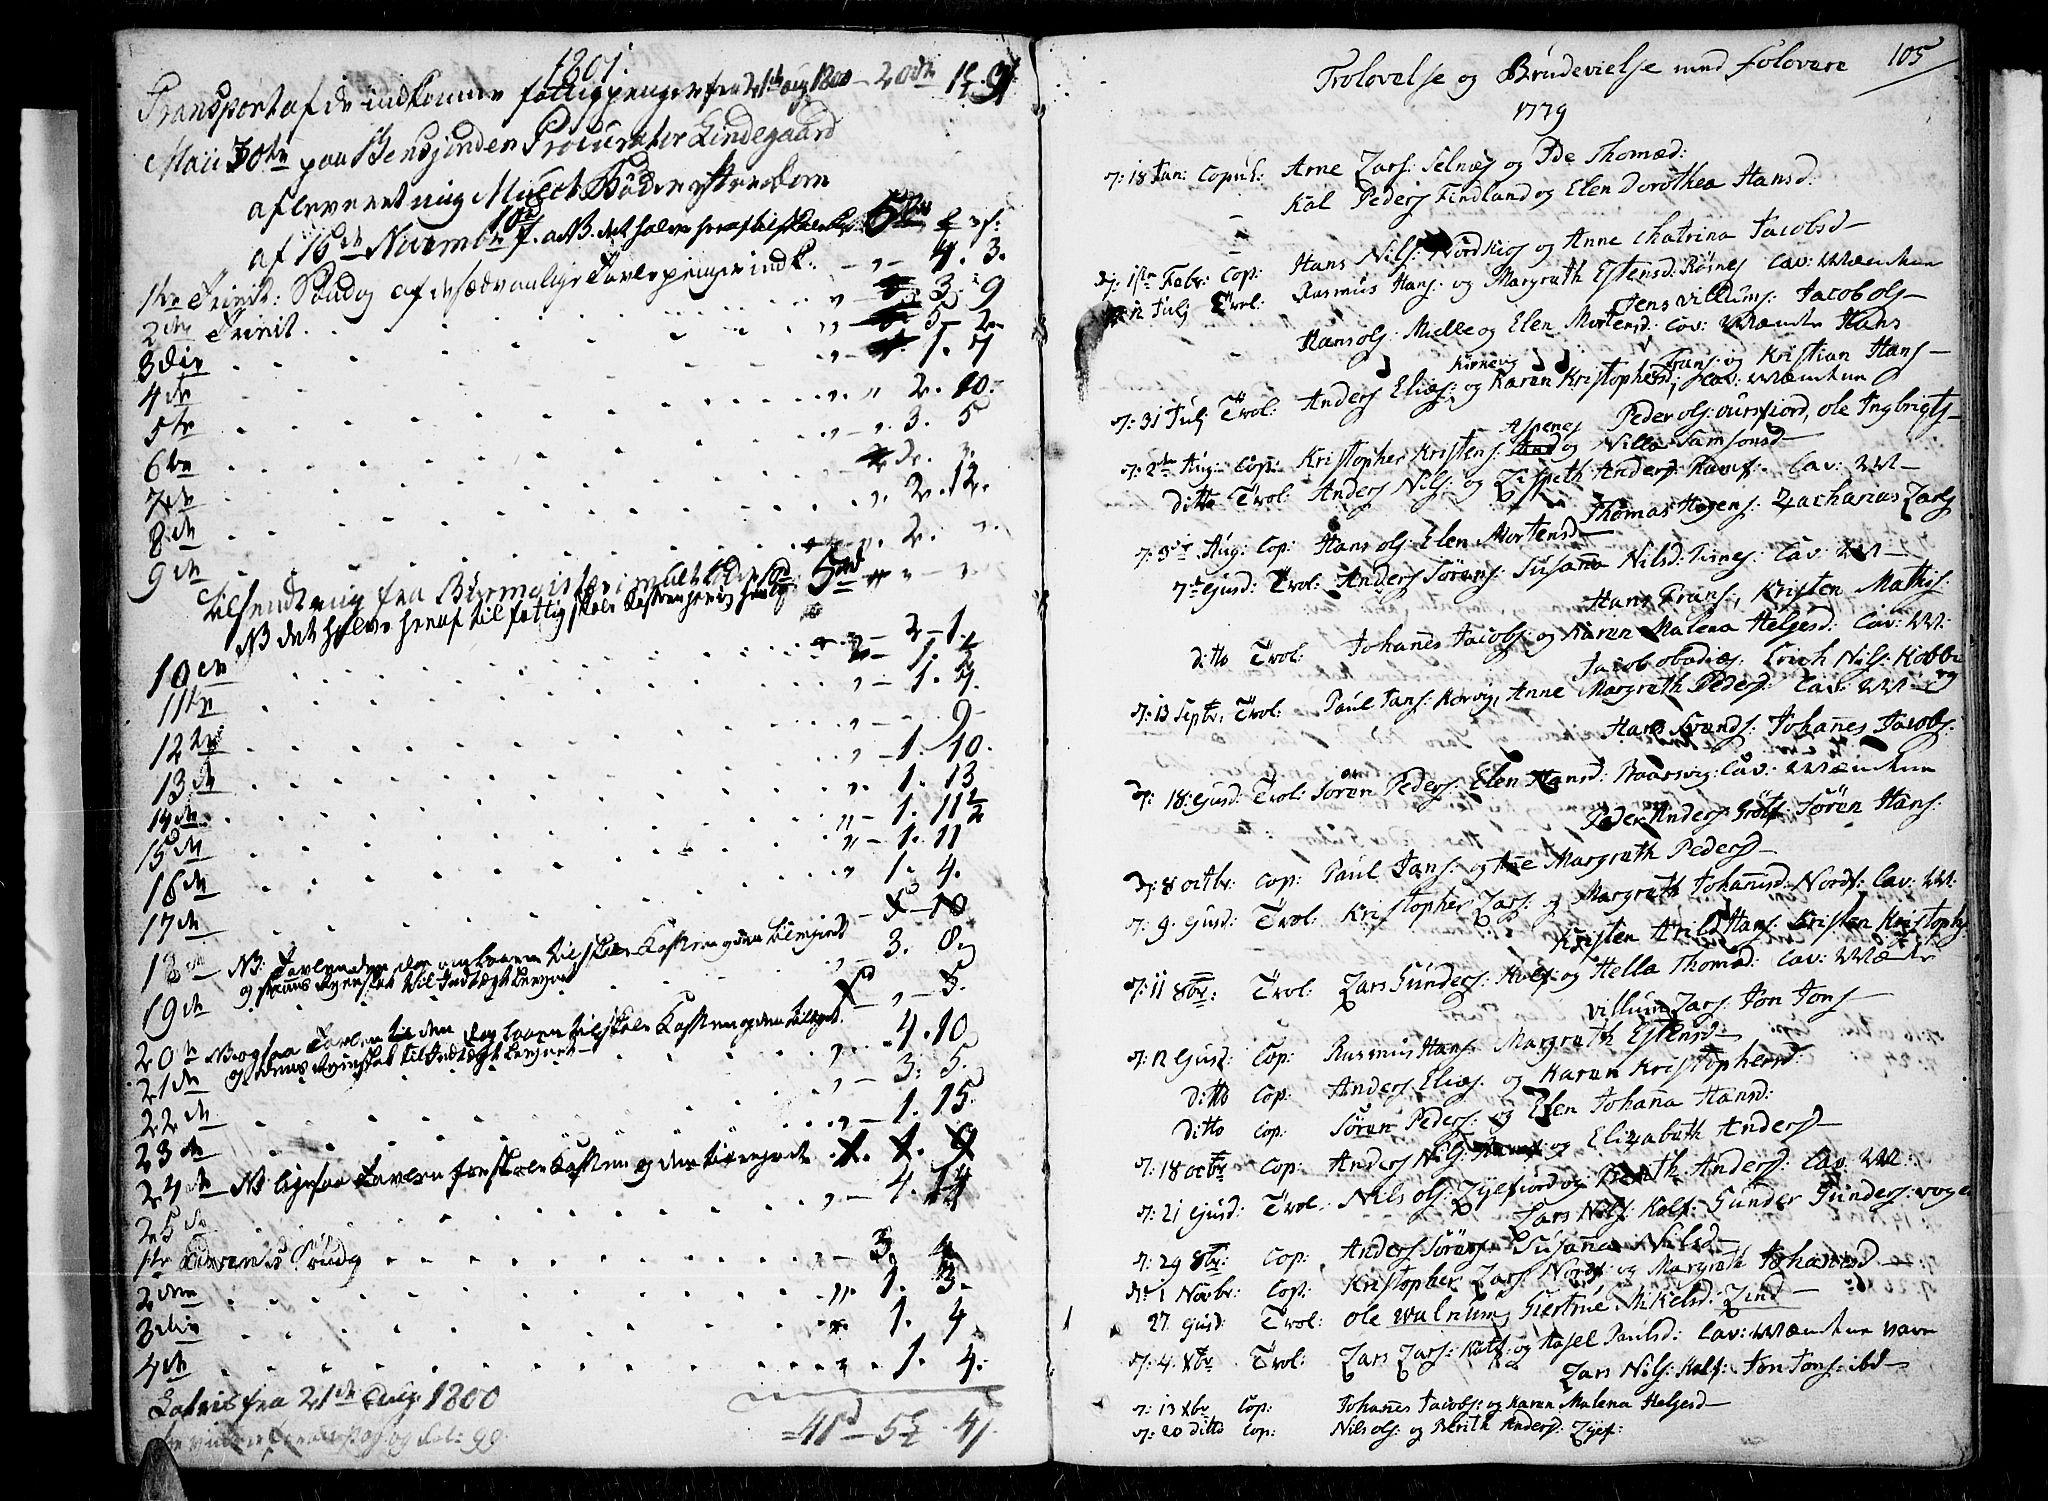 SATØ, Tromsø sokneprestkontor/stiftsprosti/domprosti, G/Ga/L0003kirke: Ministerialbok nr. 3, 1779-1796, s. 105